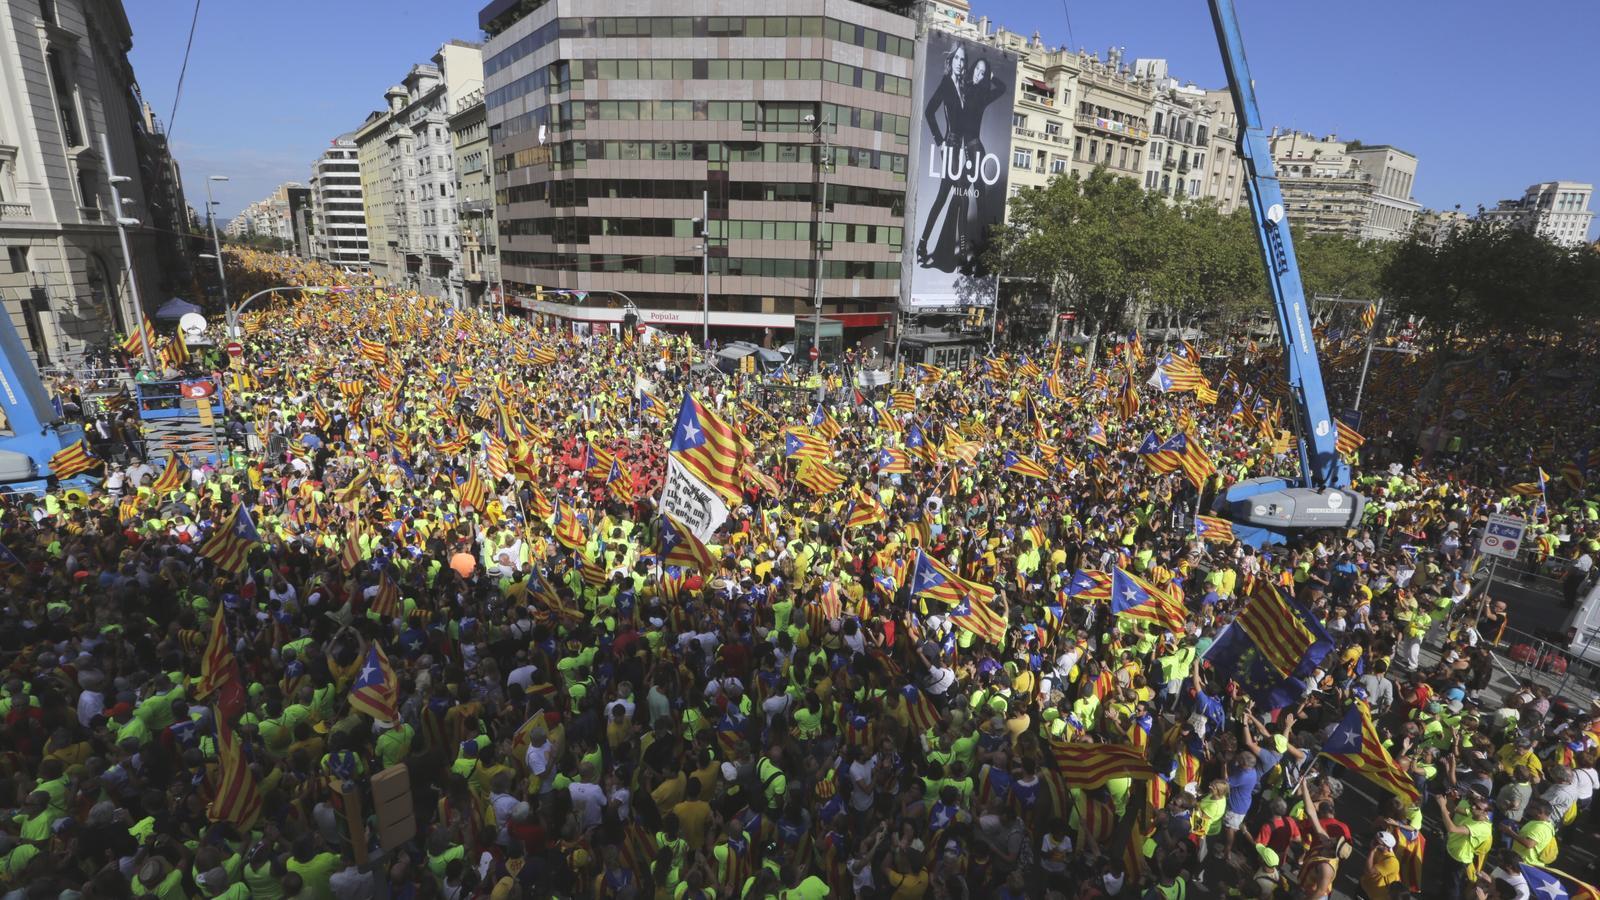 """Parlem amb els manifestants: """"Que sigui l'última Diada de demanar, la propera ha de ser de celebrar"""""""